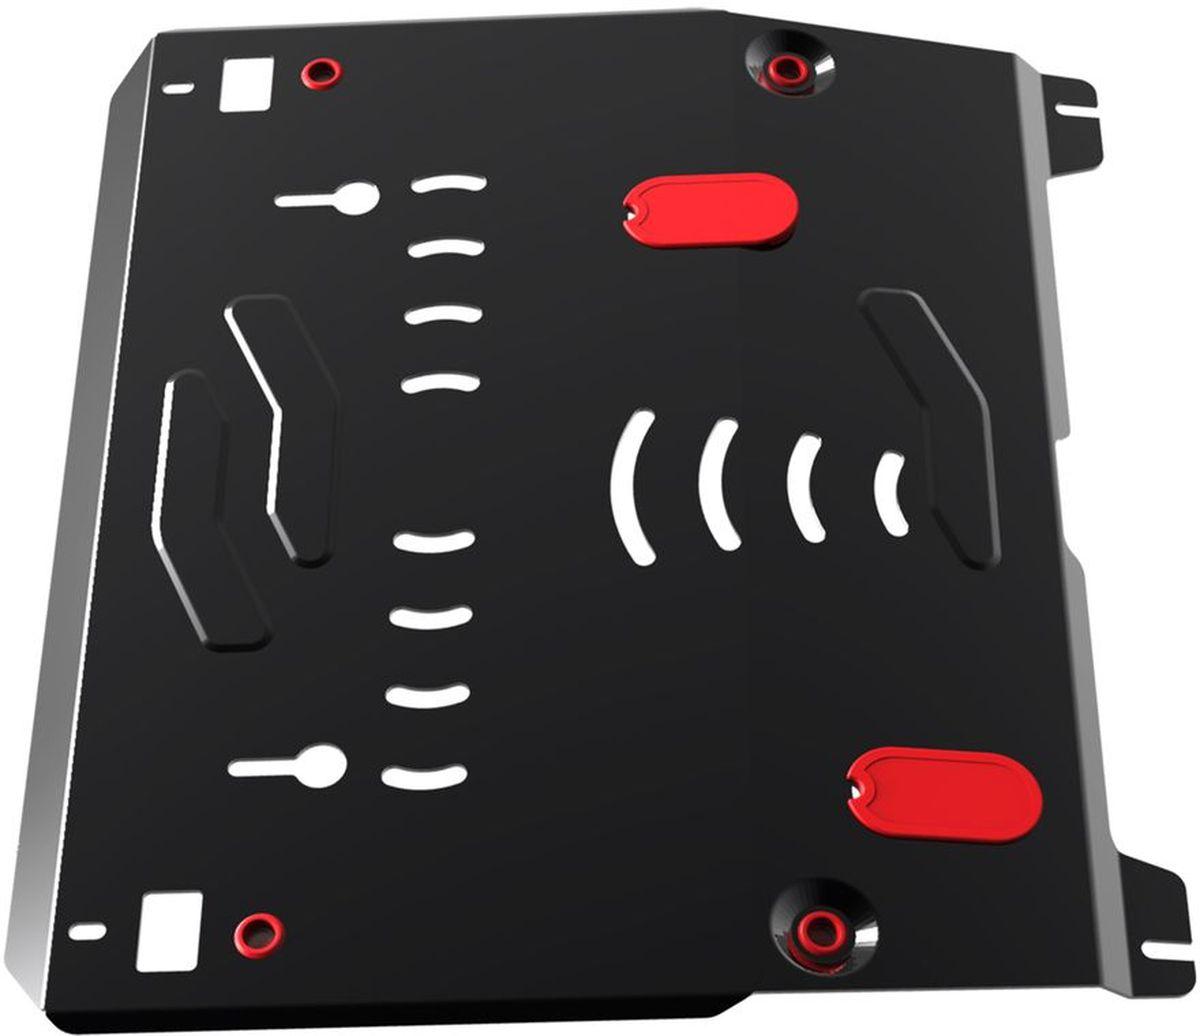 Защита картера и КПП Автоброня, для Nissan Teana. 111.04145.12706 (ПО)Технологически совершенный продукт за невысокую стоимость.Защита разработана с учетом особенностей днища автомобиля, что позволяет сохранить дорожный просвет с минимальным изменением.Защита устанавливается в штатные места кузова автомобиля. Глубокий штамп обеспечивает до двух раз больше жесткости в сравнении с обычной защитой той же толщины. Проштампованные ребра жесткости препятствуют деформации защиты при ударах.Тепловой зазор и вентиляционные отверстия обеспечивают сохранение температурного режима двигателя в норме. Скрытый крепеж предотвращает срыв крепежных элементов при наезде на препятствие.Шумопоглощающие резиновые элементы обеспечивают комфортную езду без вибраций и скрежета металла, а съемные лючки для слива масла и замены фильтра - экономию средств и время.Конструкция изделия не влияет на пассивную безопасность автомобиля (при ударе защита не воздействует на деформационные зоны кузова). Со штатным крепежом. В комплекте инструкция по установке.Толщина стали: 2 мм.